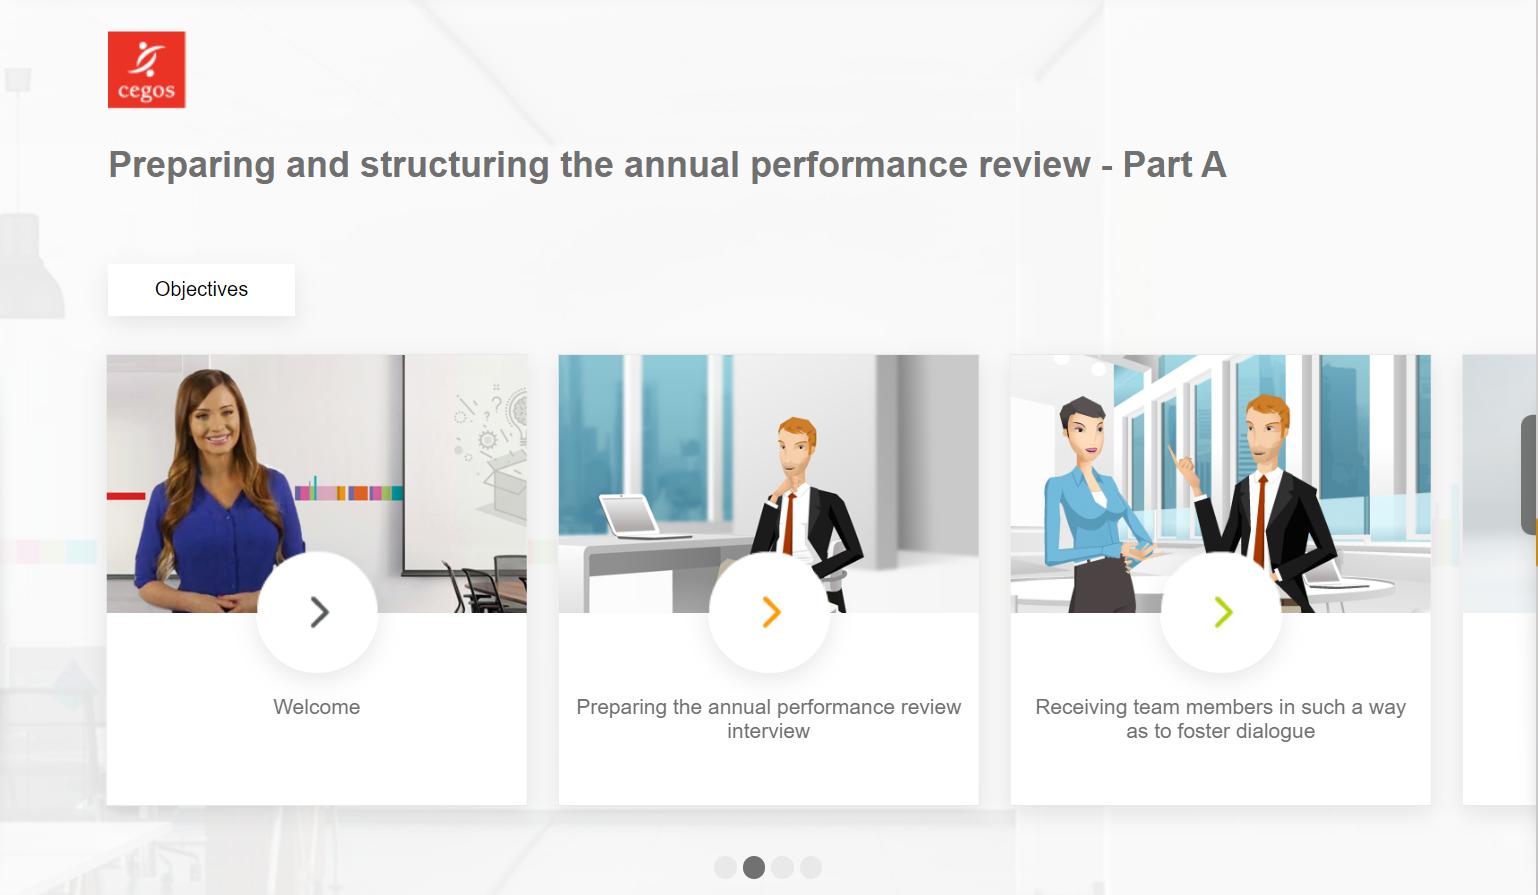 Chuẩn bị và xây dựng đánh giá hiệu suất hàng năm - Phần A